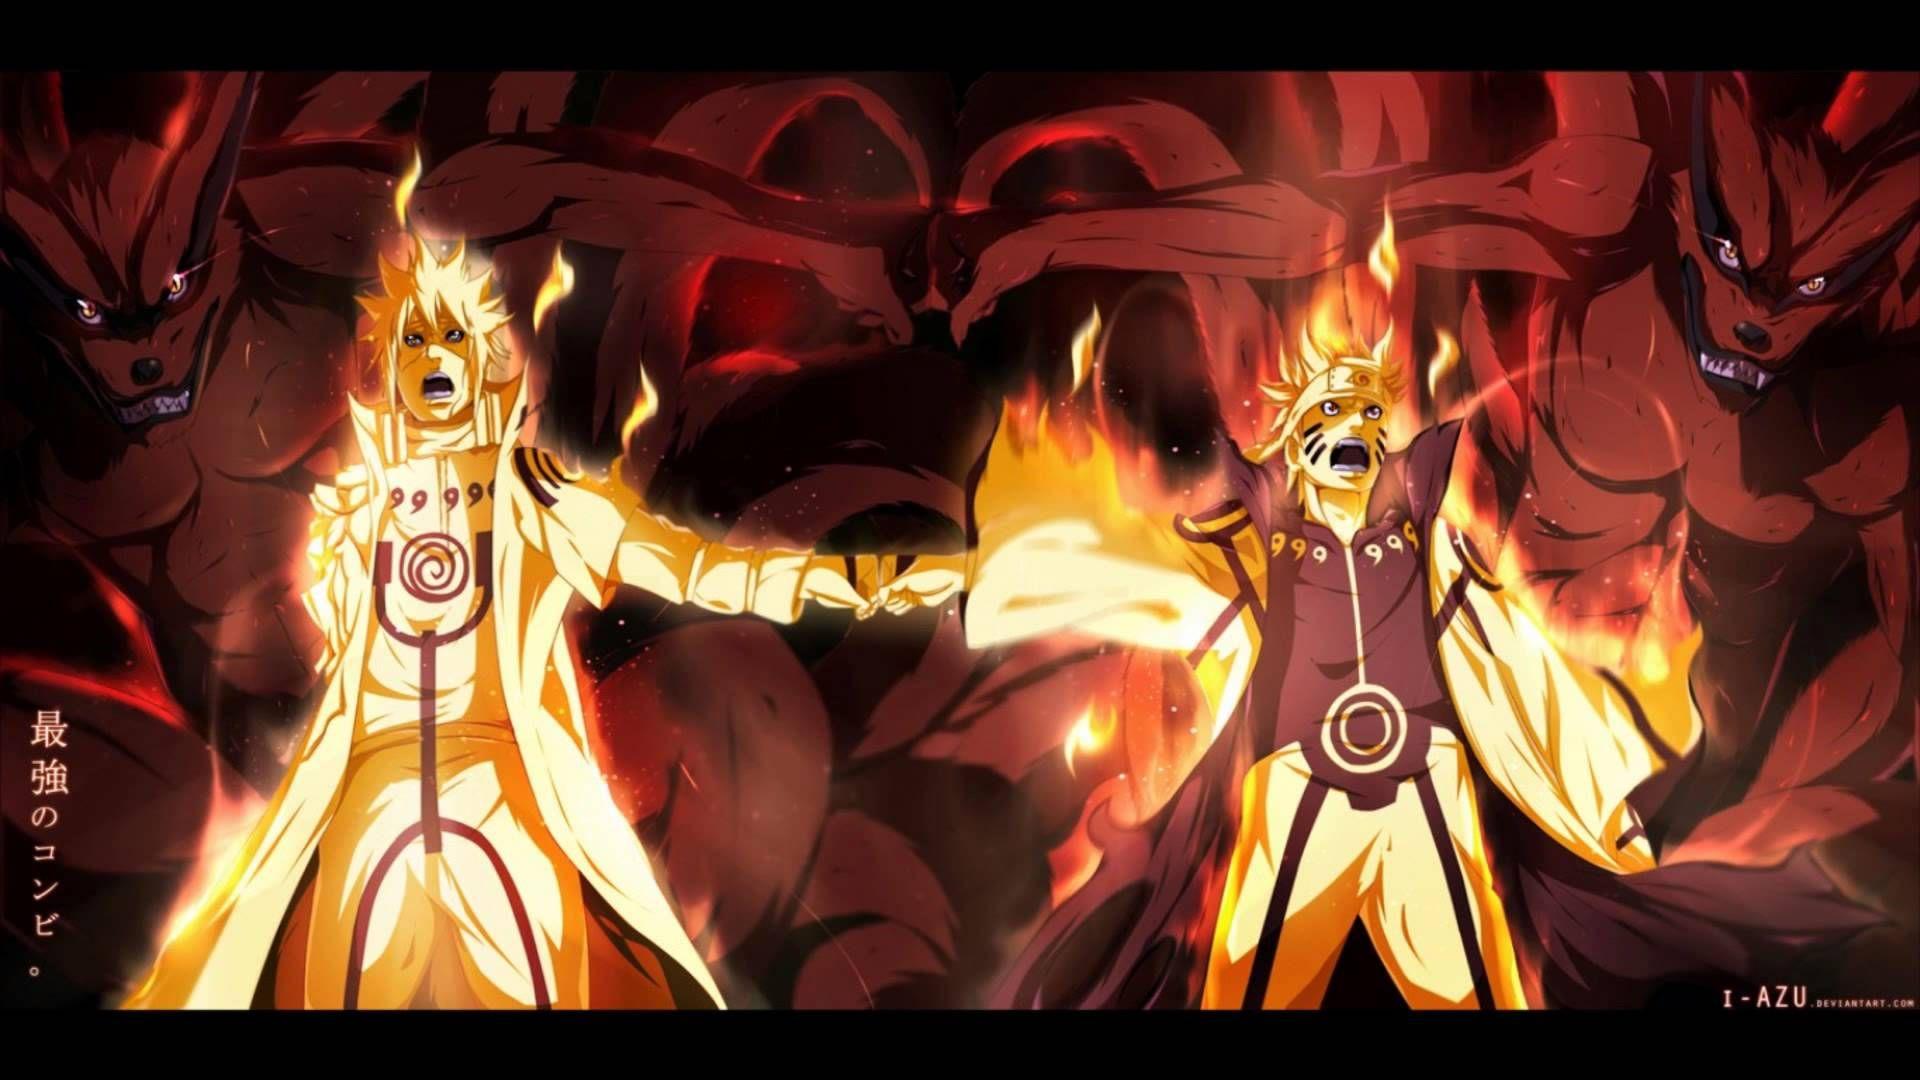 Naruto Vs Goku Live Wallpaper Download Naruto Vs Goku Live